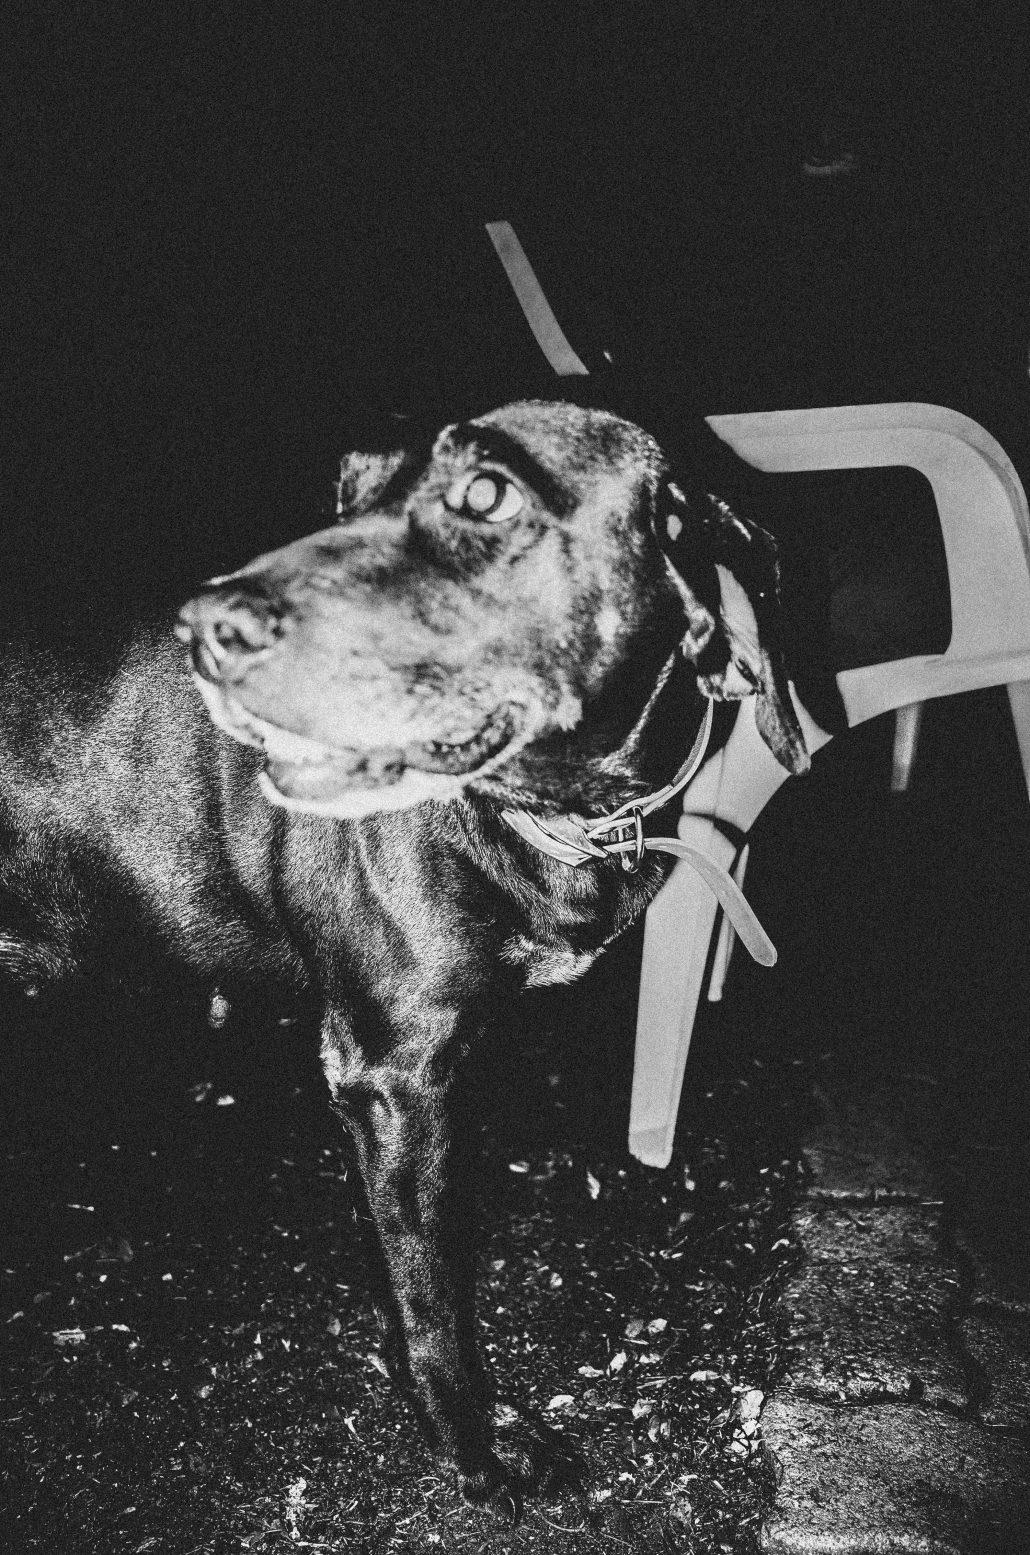 Night dog (6/6)